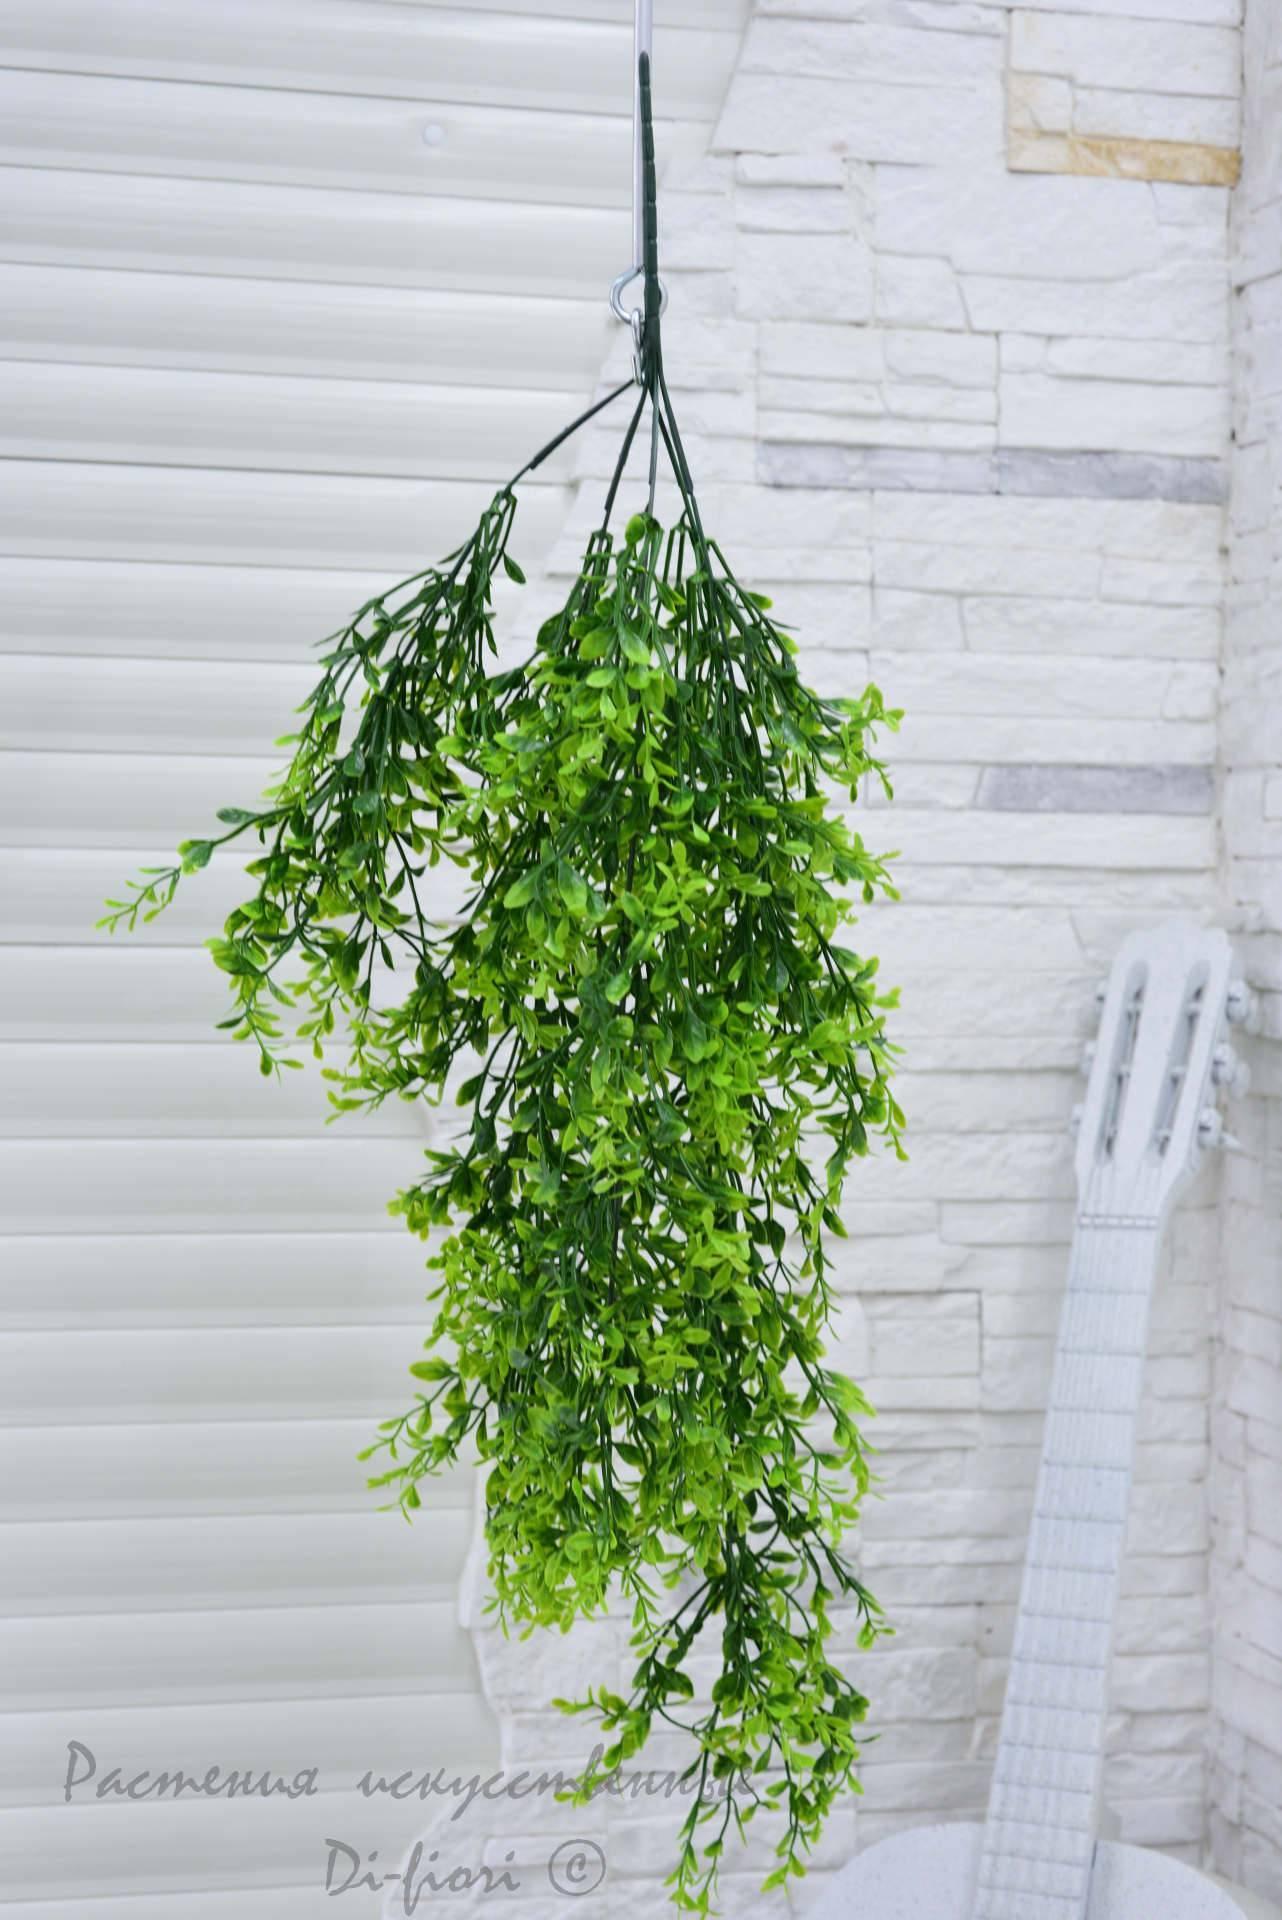 Вьющиеся комнатные растения (75+ фото)